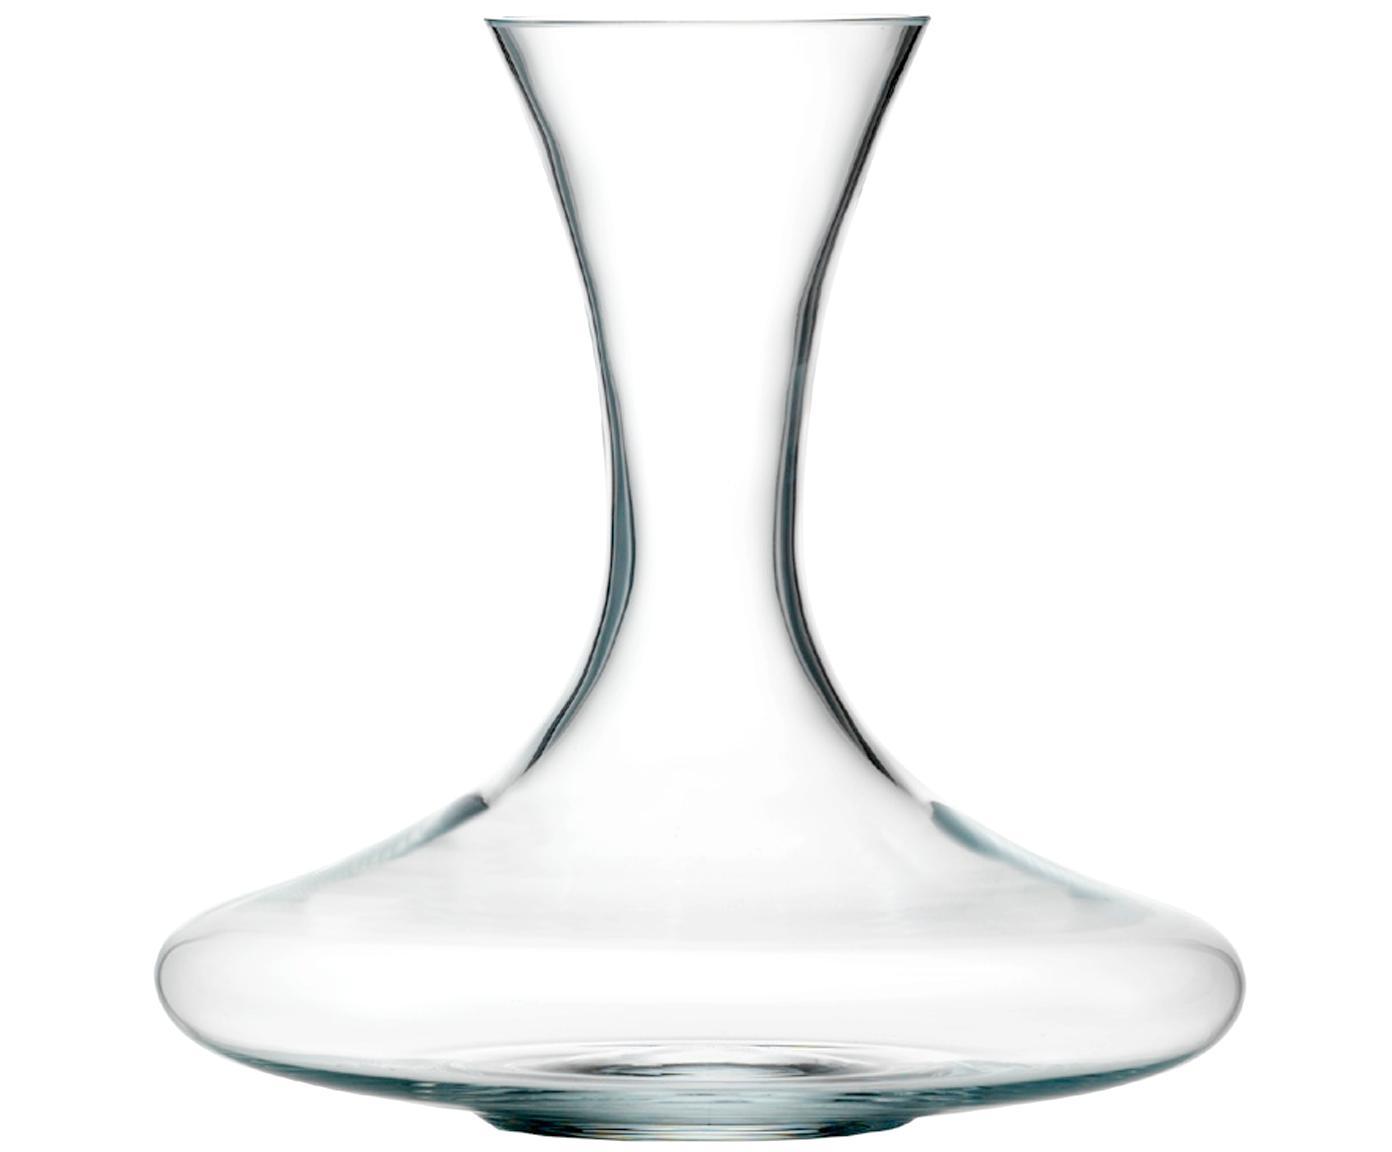 Kryształowy dekanter Classic, Szkło kryształowe, Transparentny, 750 ml